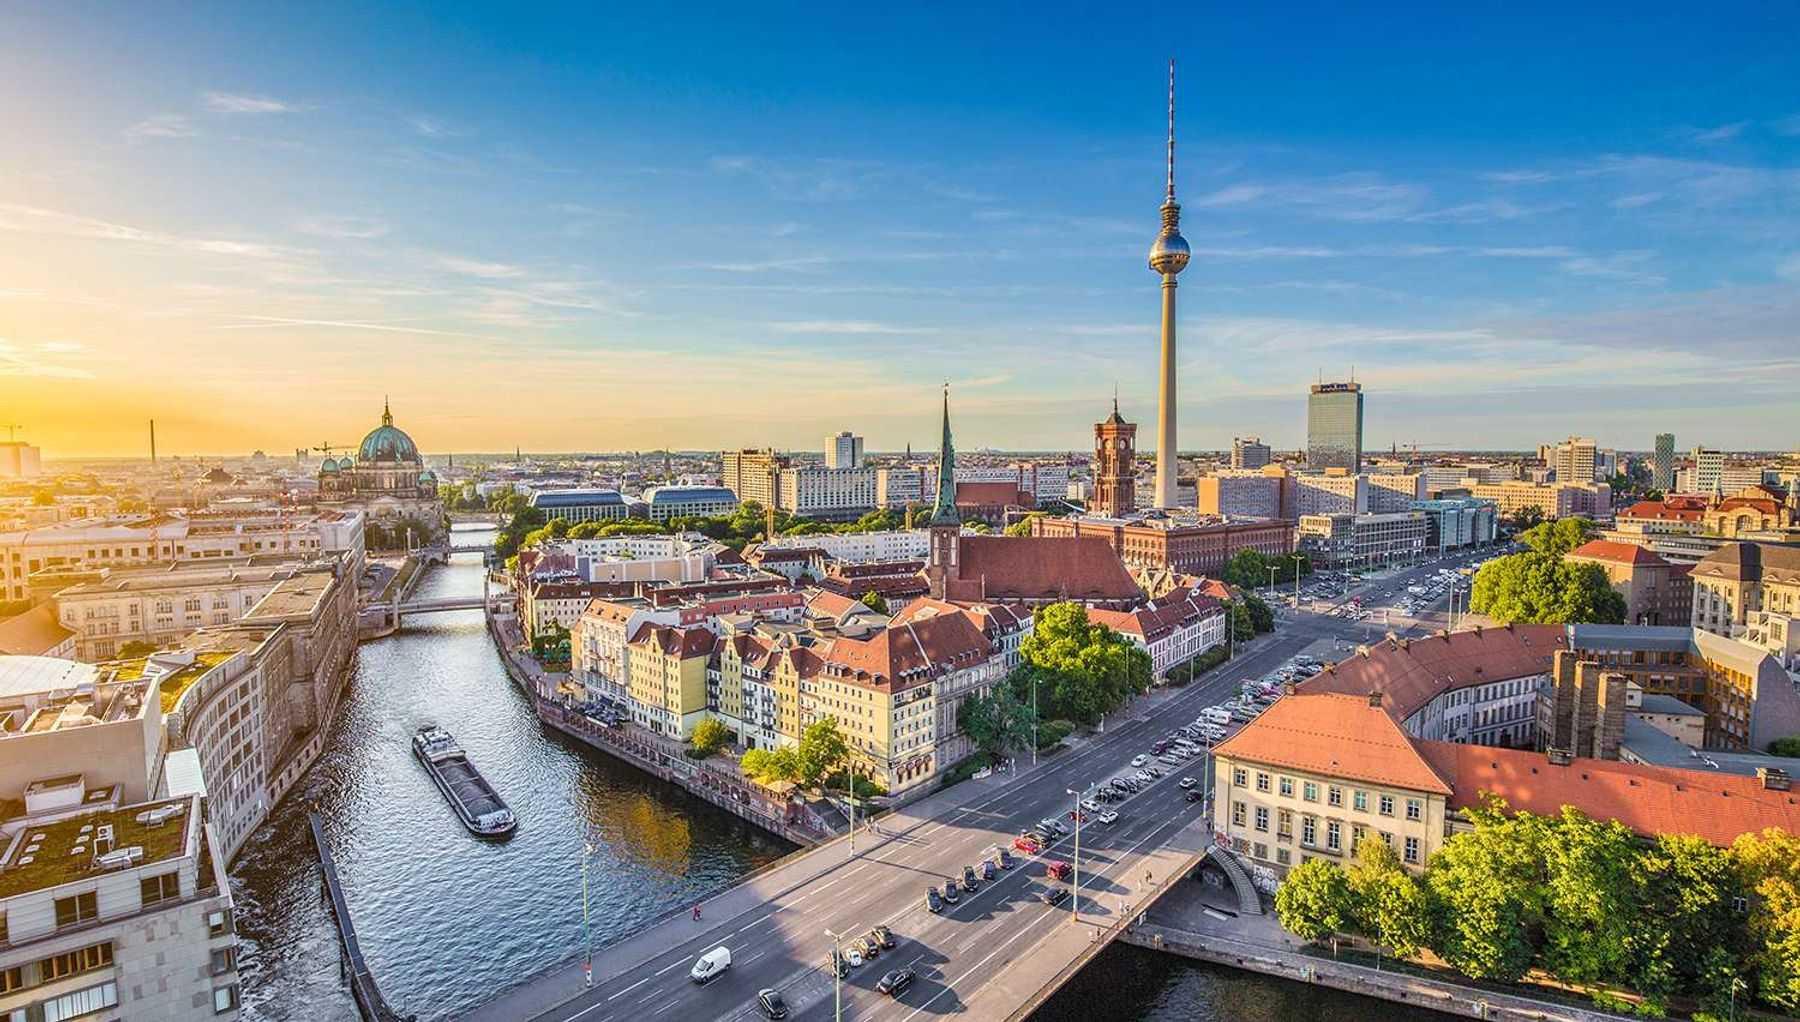 Ilgasis savaitgalis Berlyne! Kelionė autobusu, 2 n. viešbutyje su pusryčiais ir ekskursinė programa!